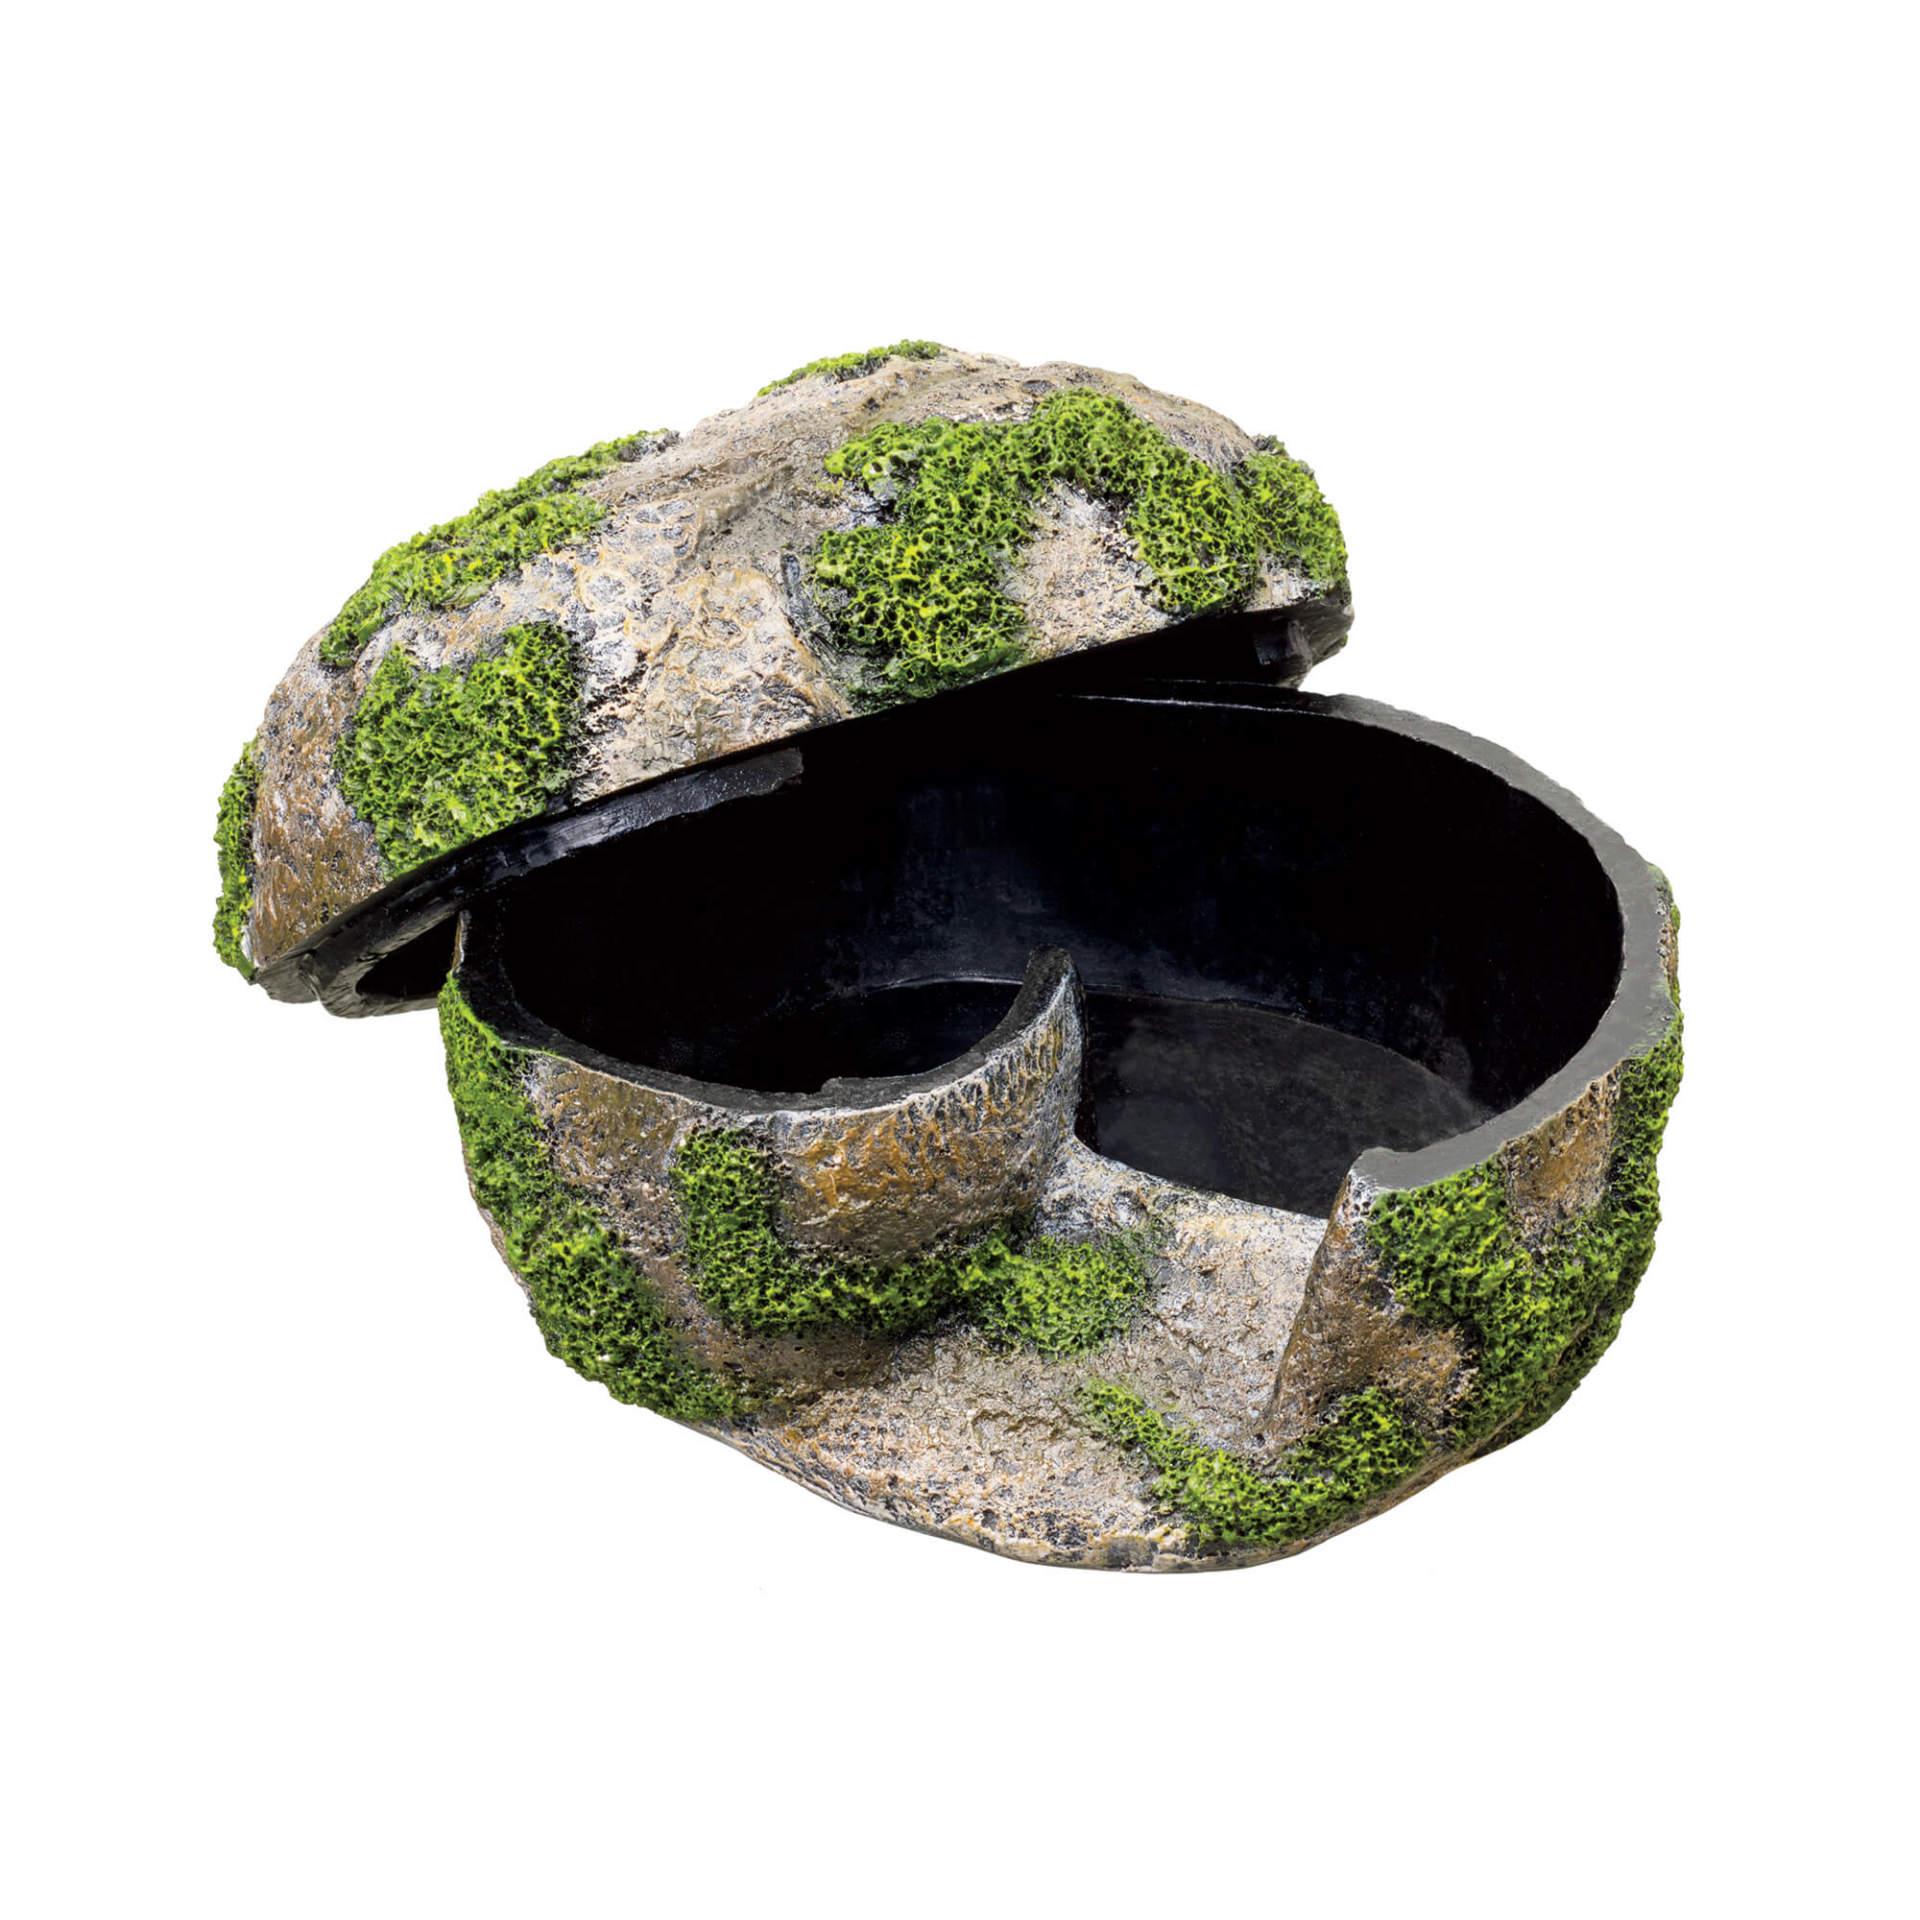 Zilla Rock Reptile Lairs, Small